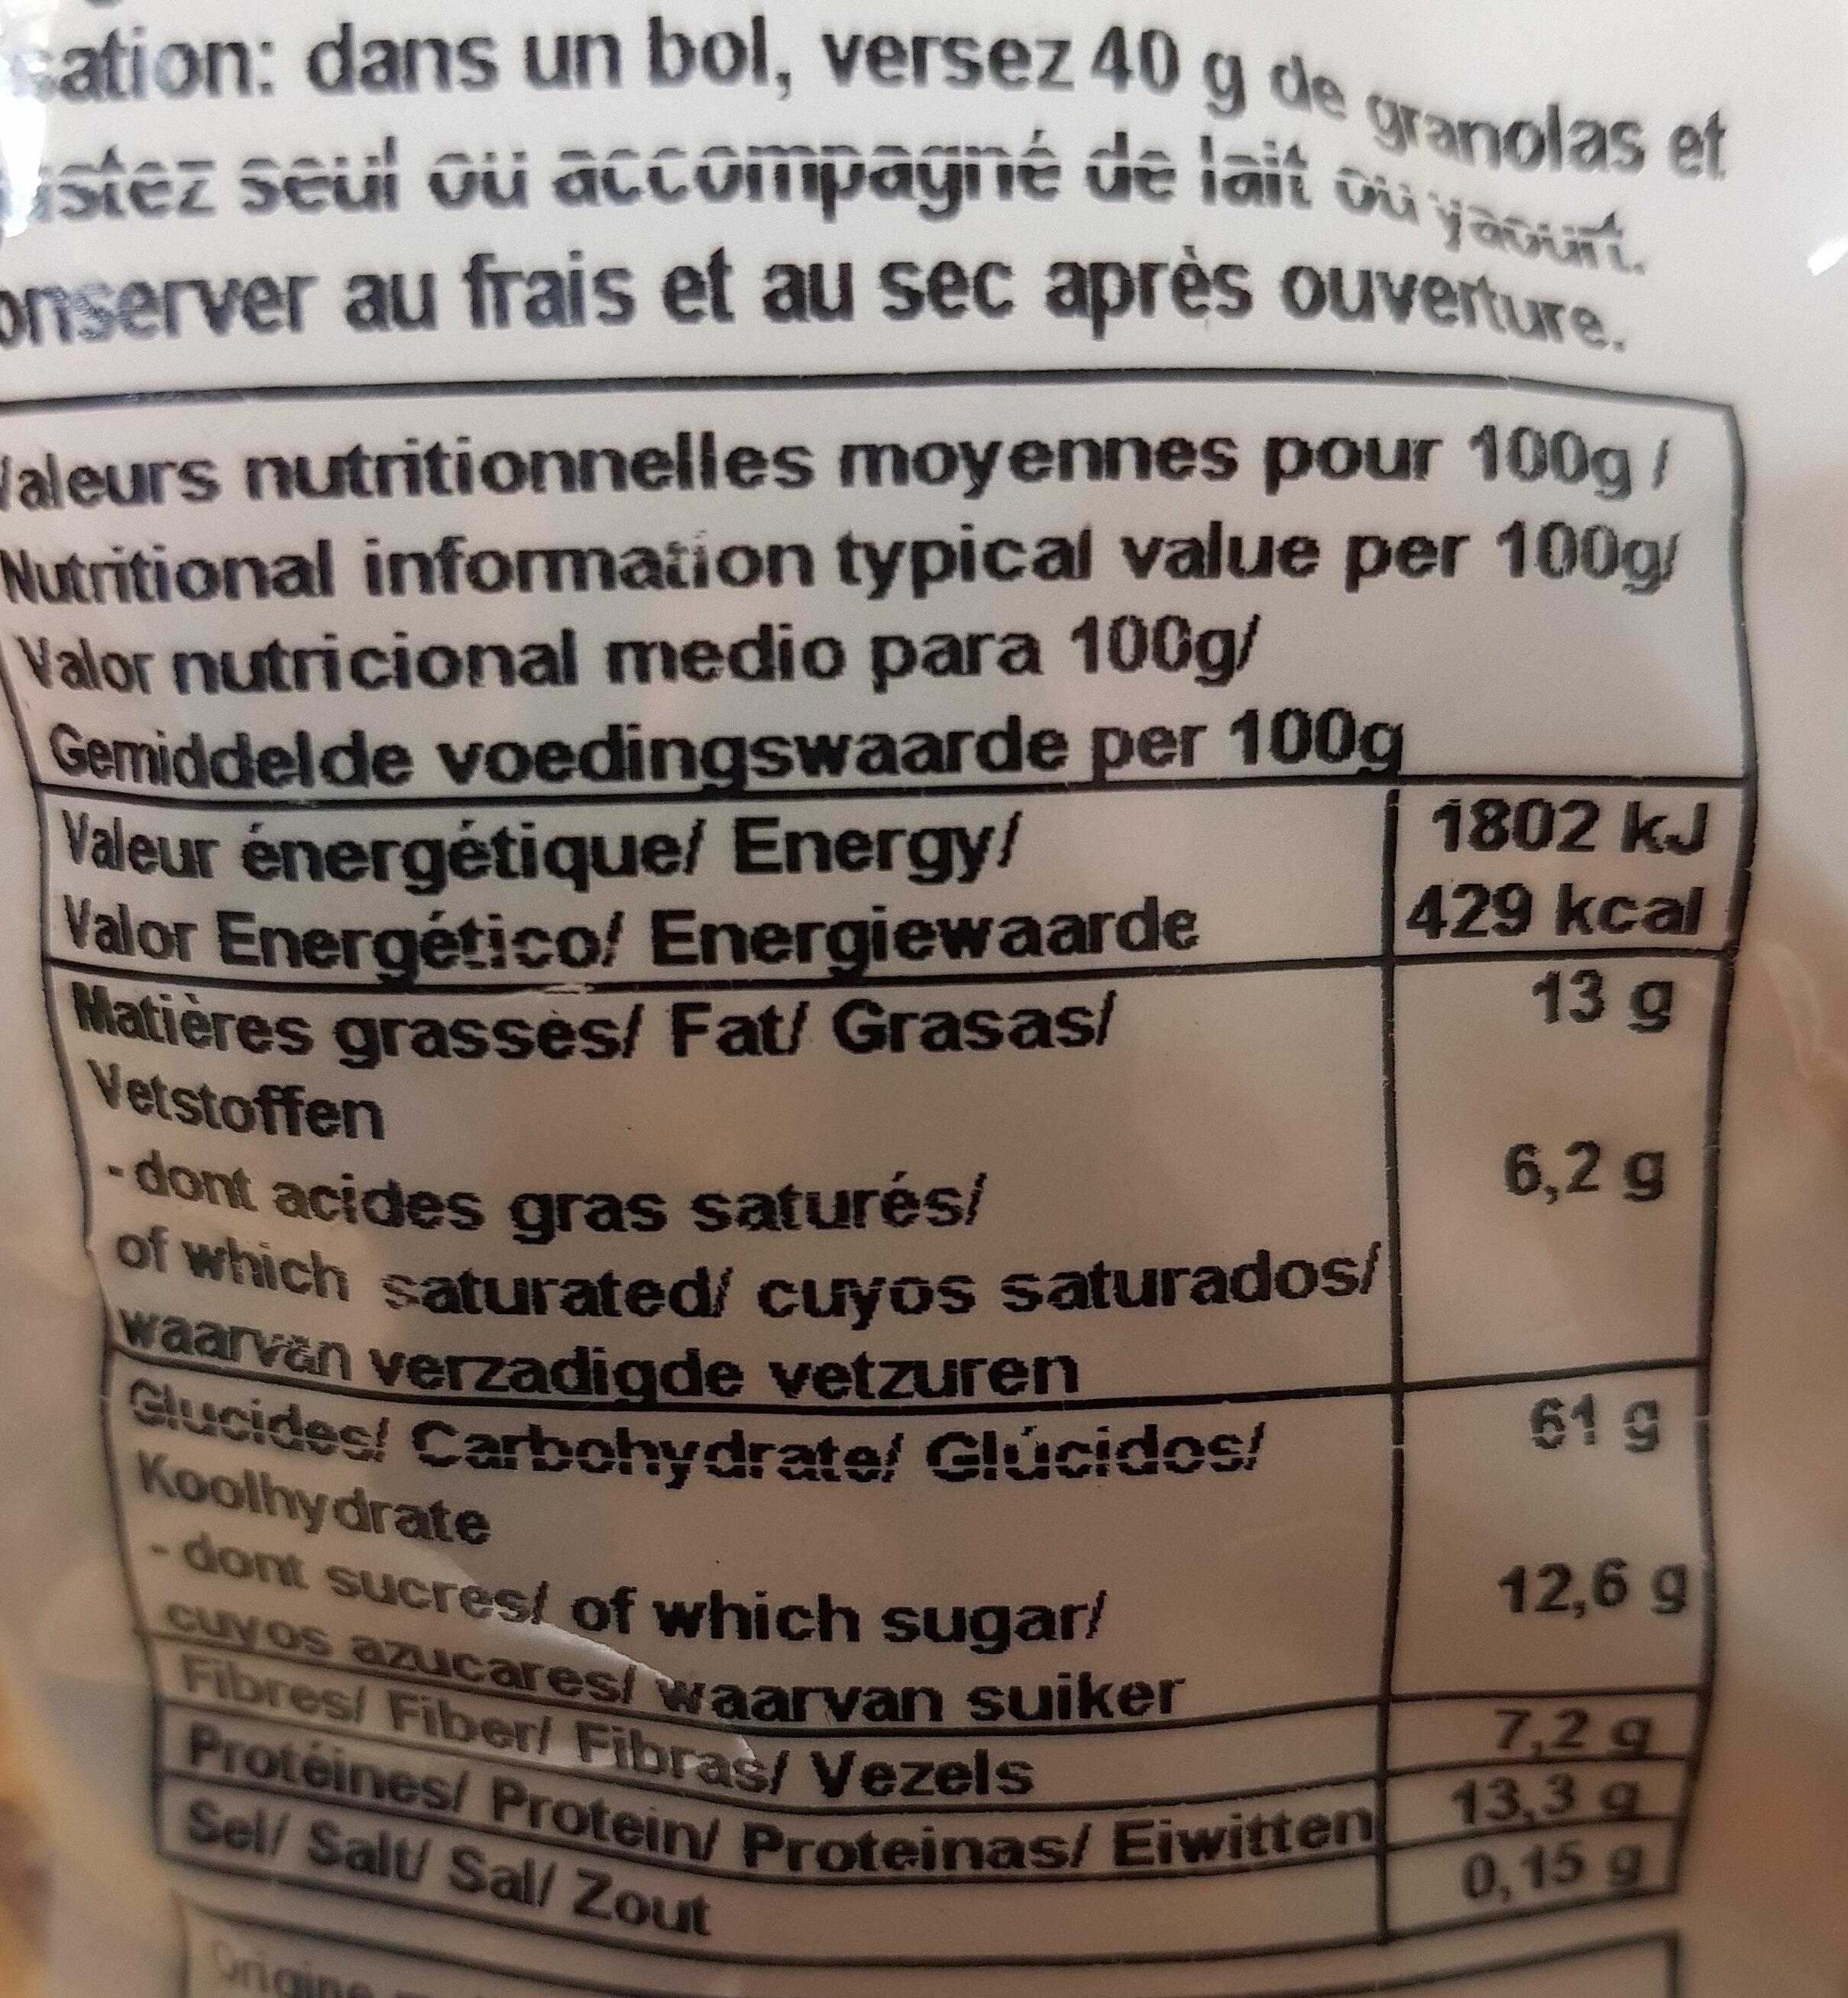 Granola chocolat coco et éclats de frambroise - Informations nutritionnelles - fr